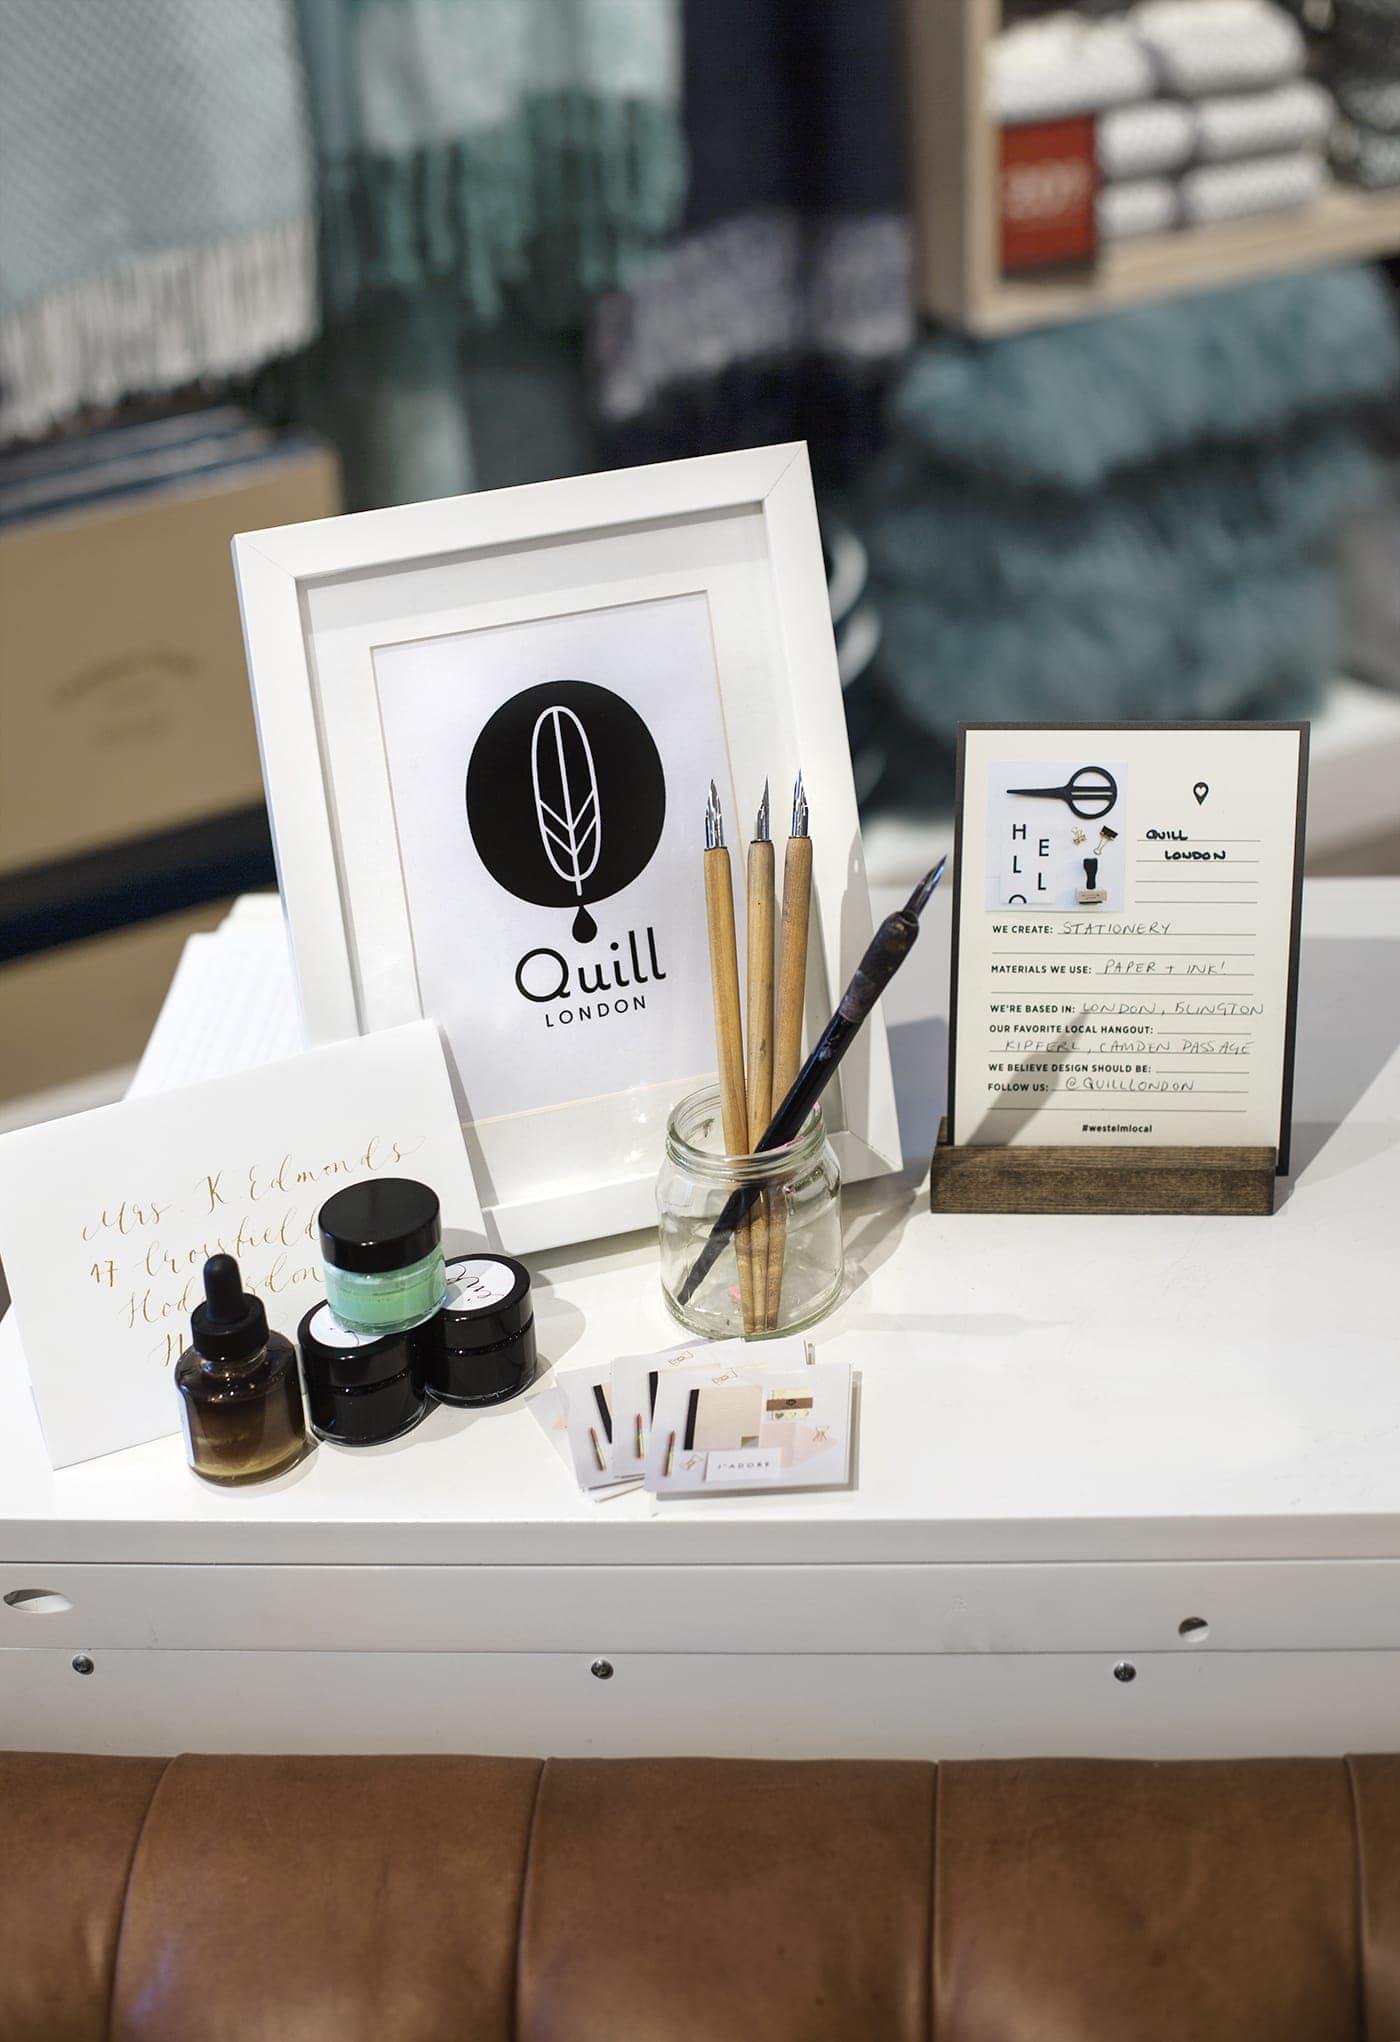 west elm pop up shop | Quill London